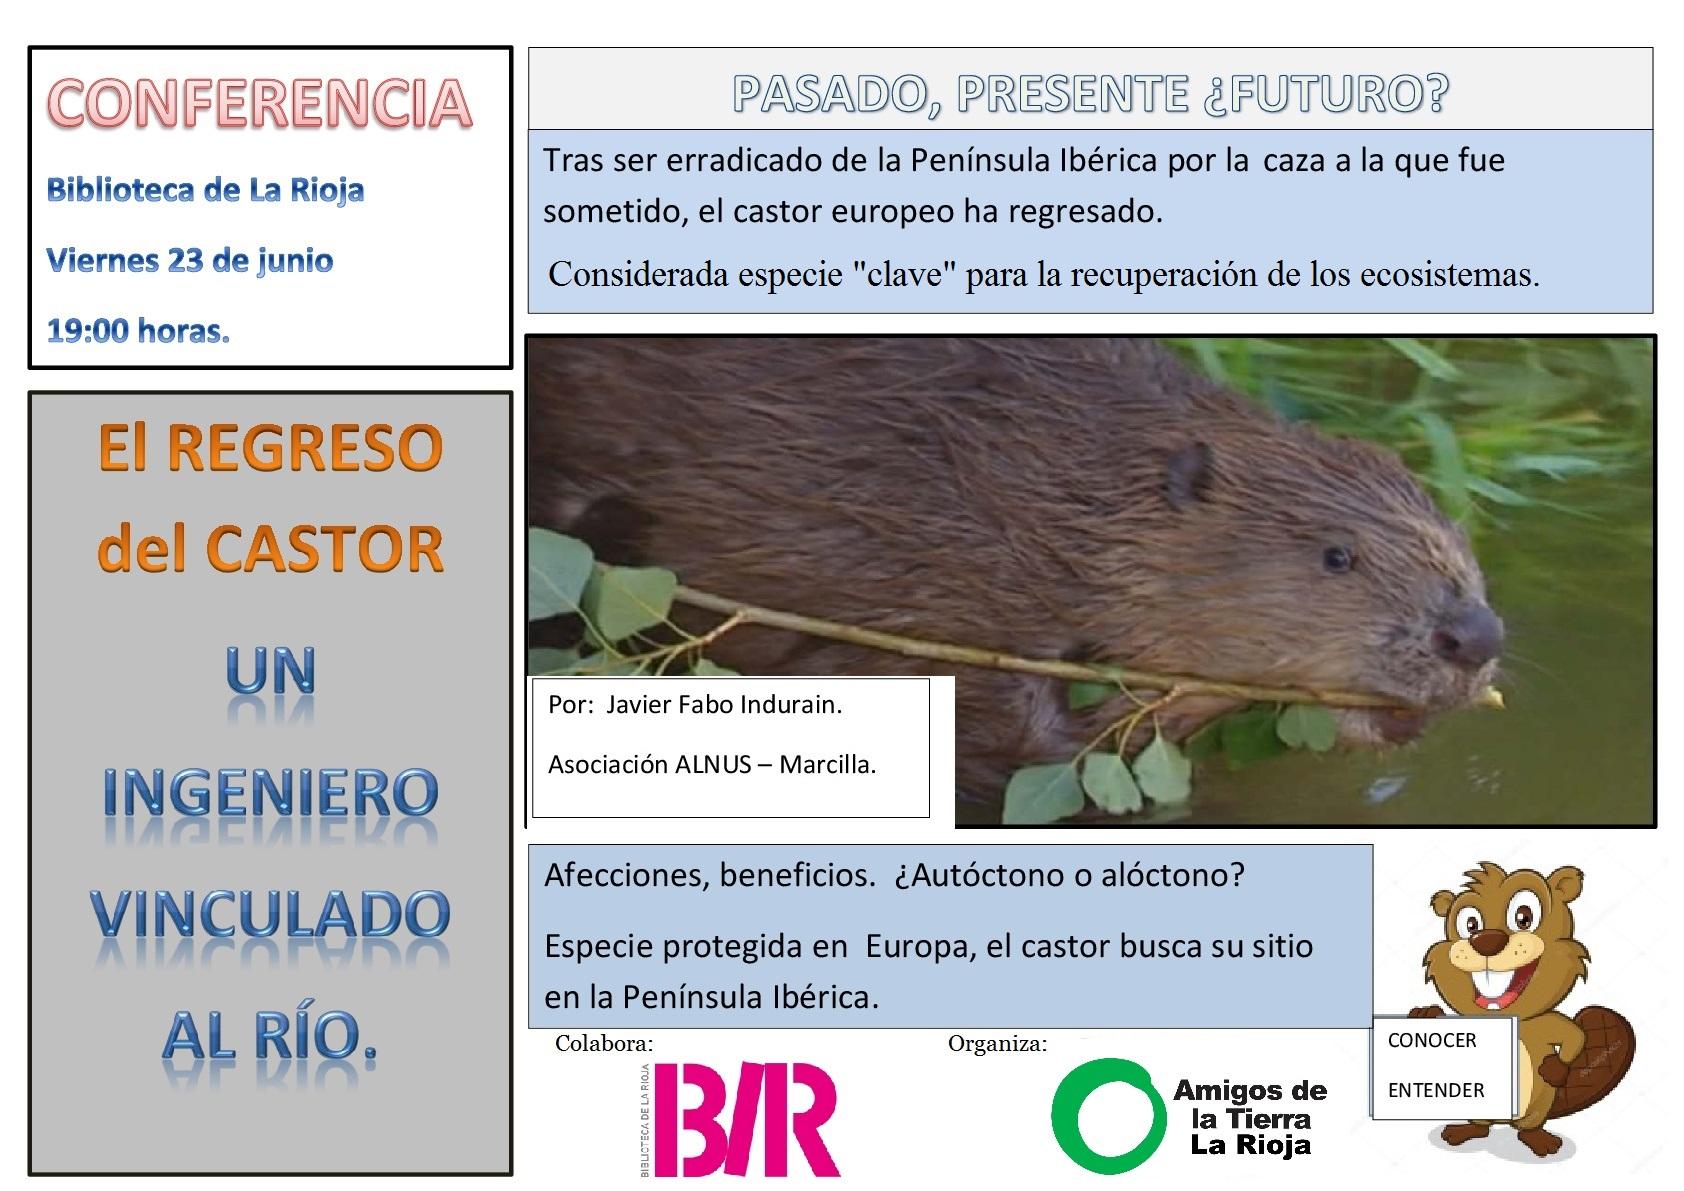 Ir a Conferencia: El regreso del castor europeo, un ingeniero vinculado al río